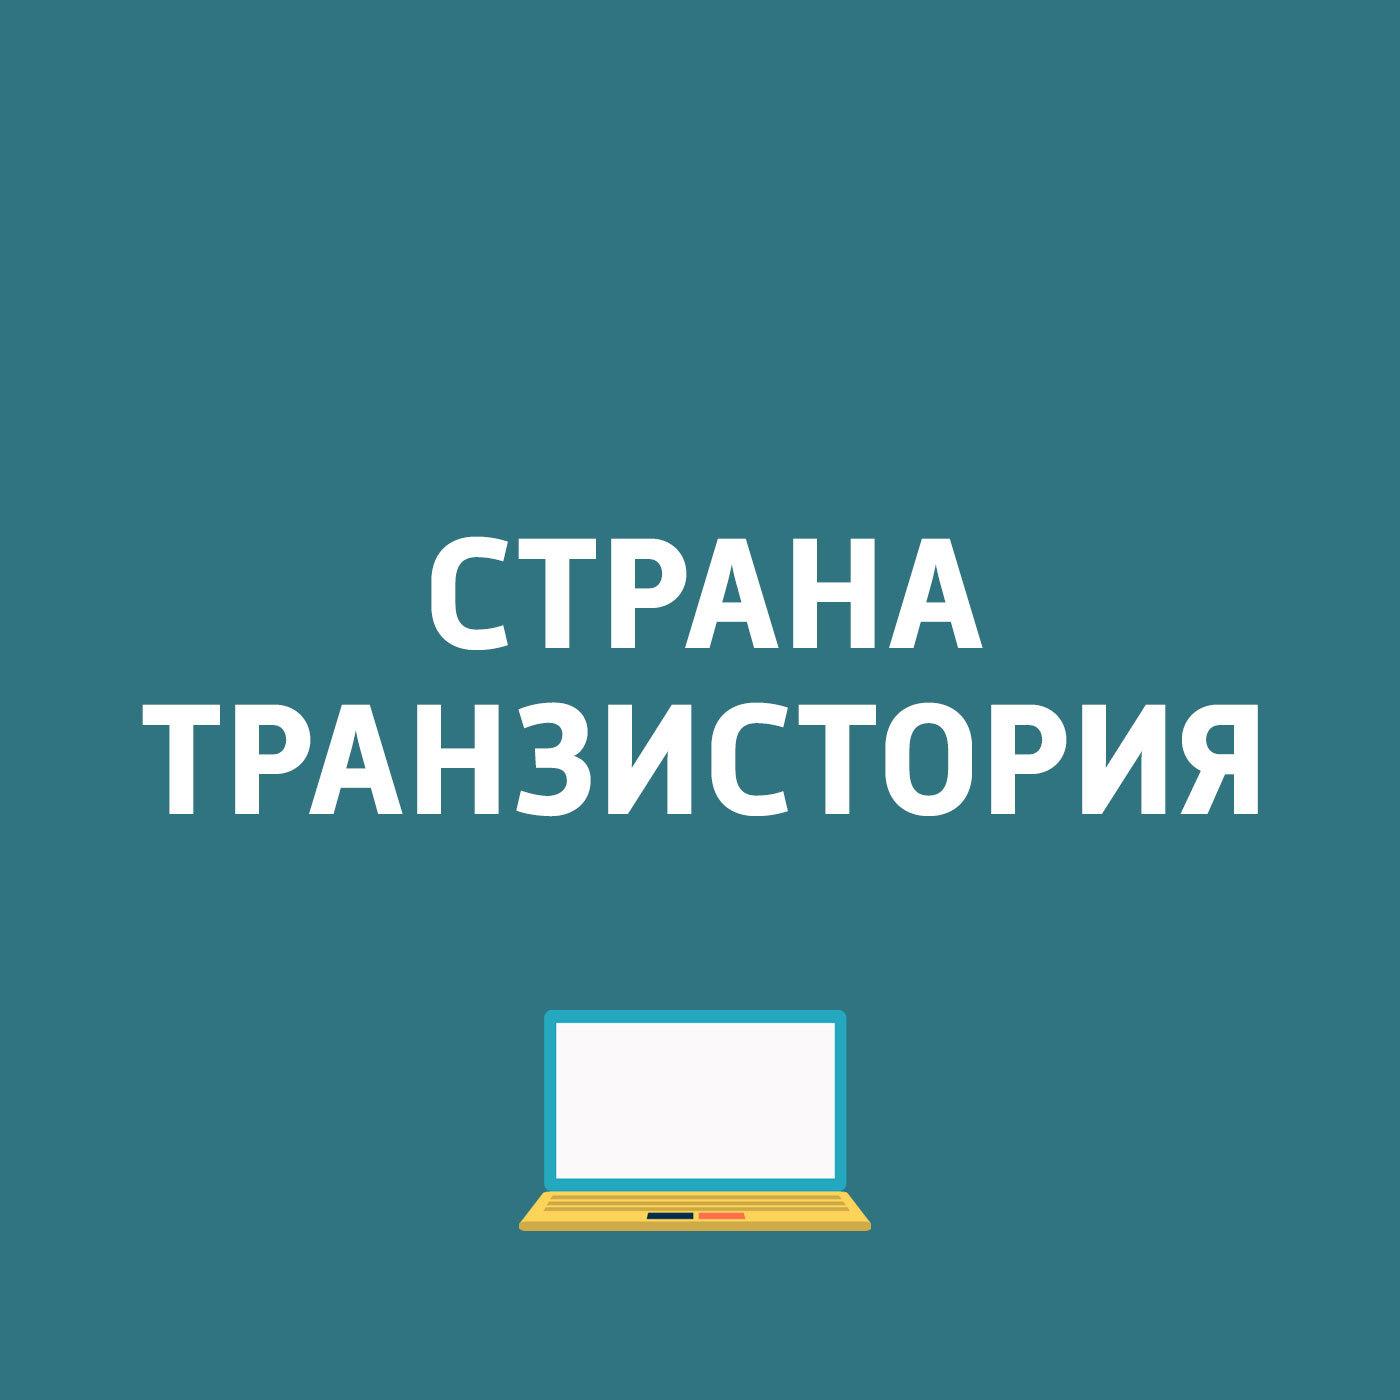 Картаев Павел Motorola, Y6pro, перемены в Twitter картаев павел игра про леонардо самый дешевый смартфон армейский ноутбук